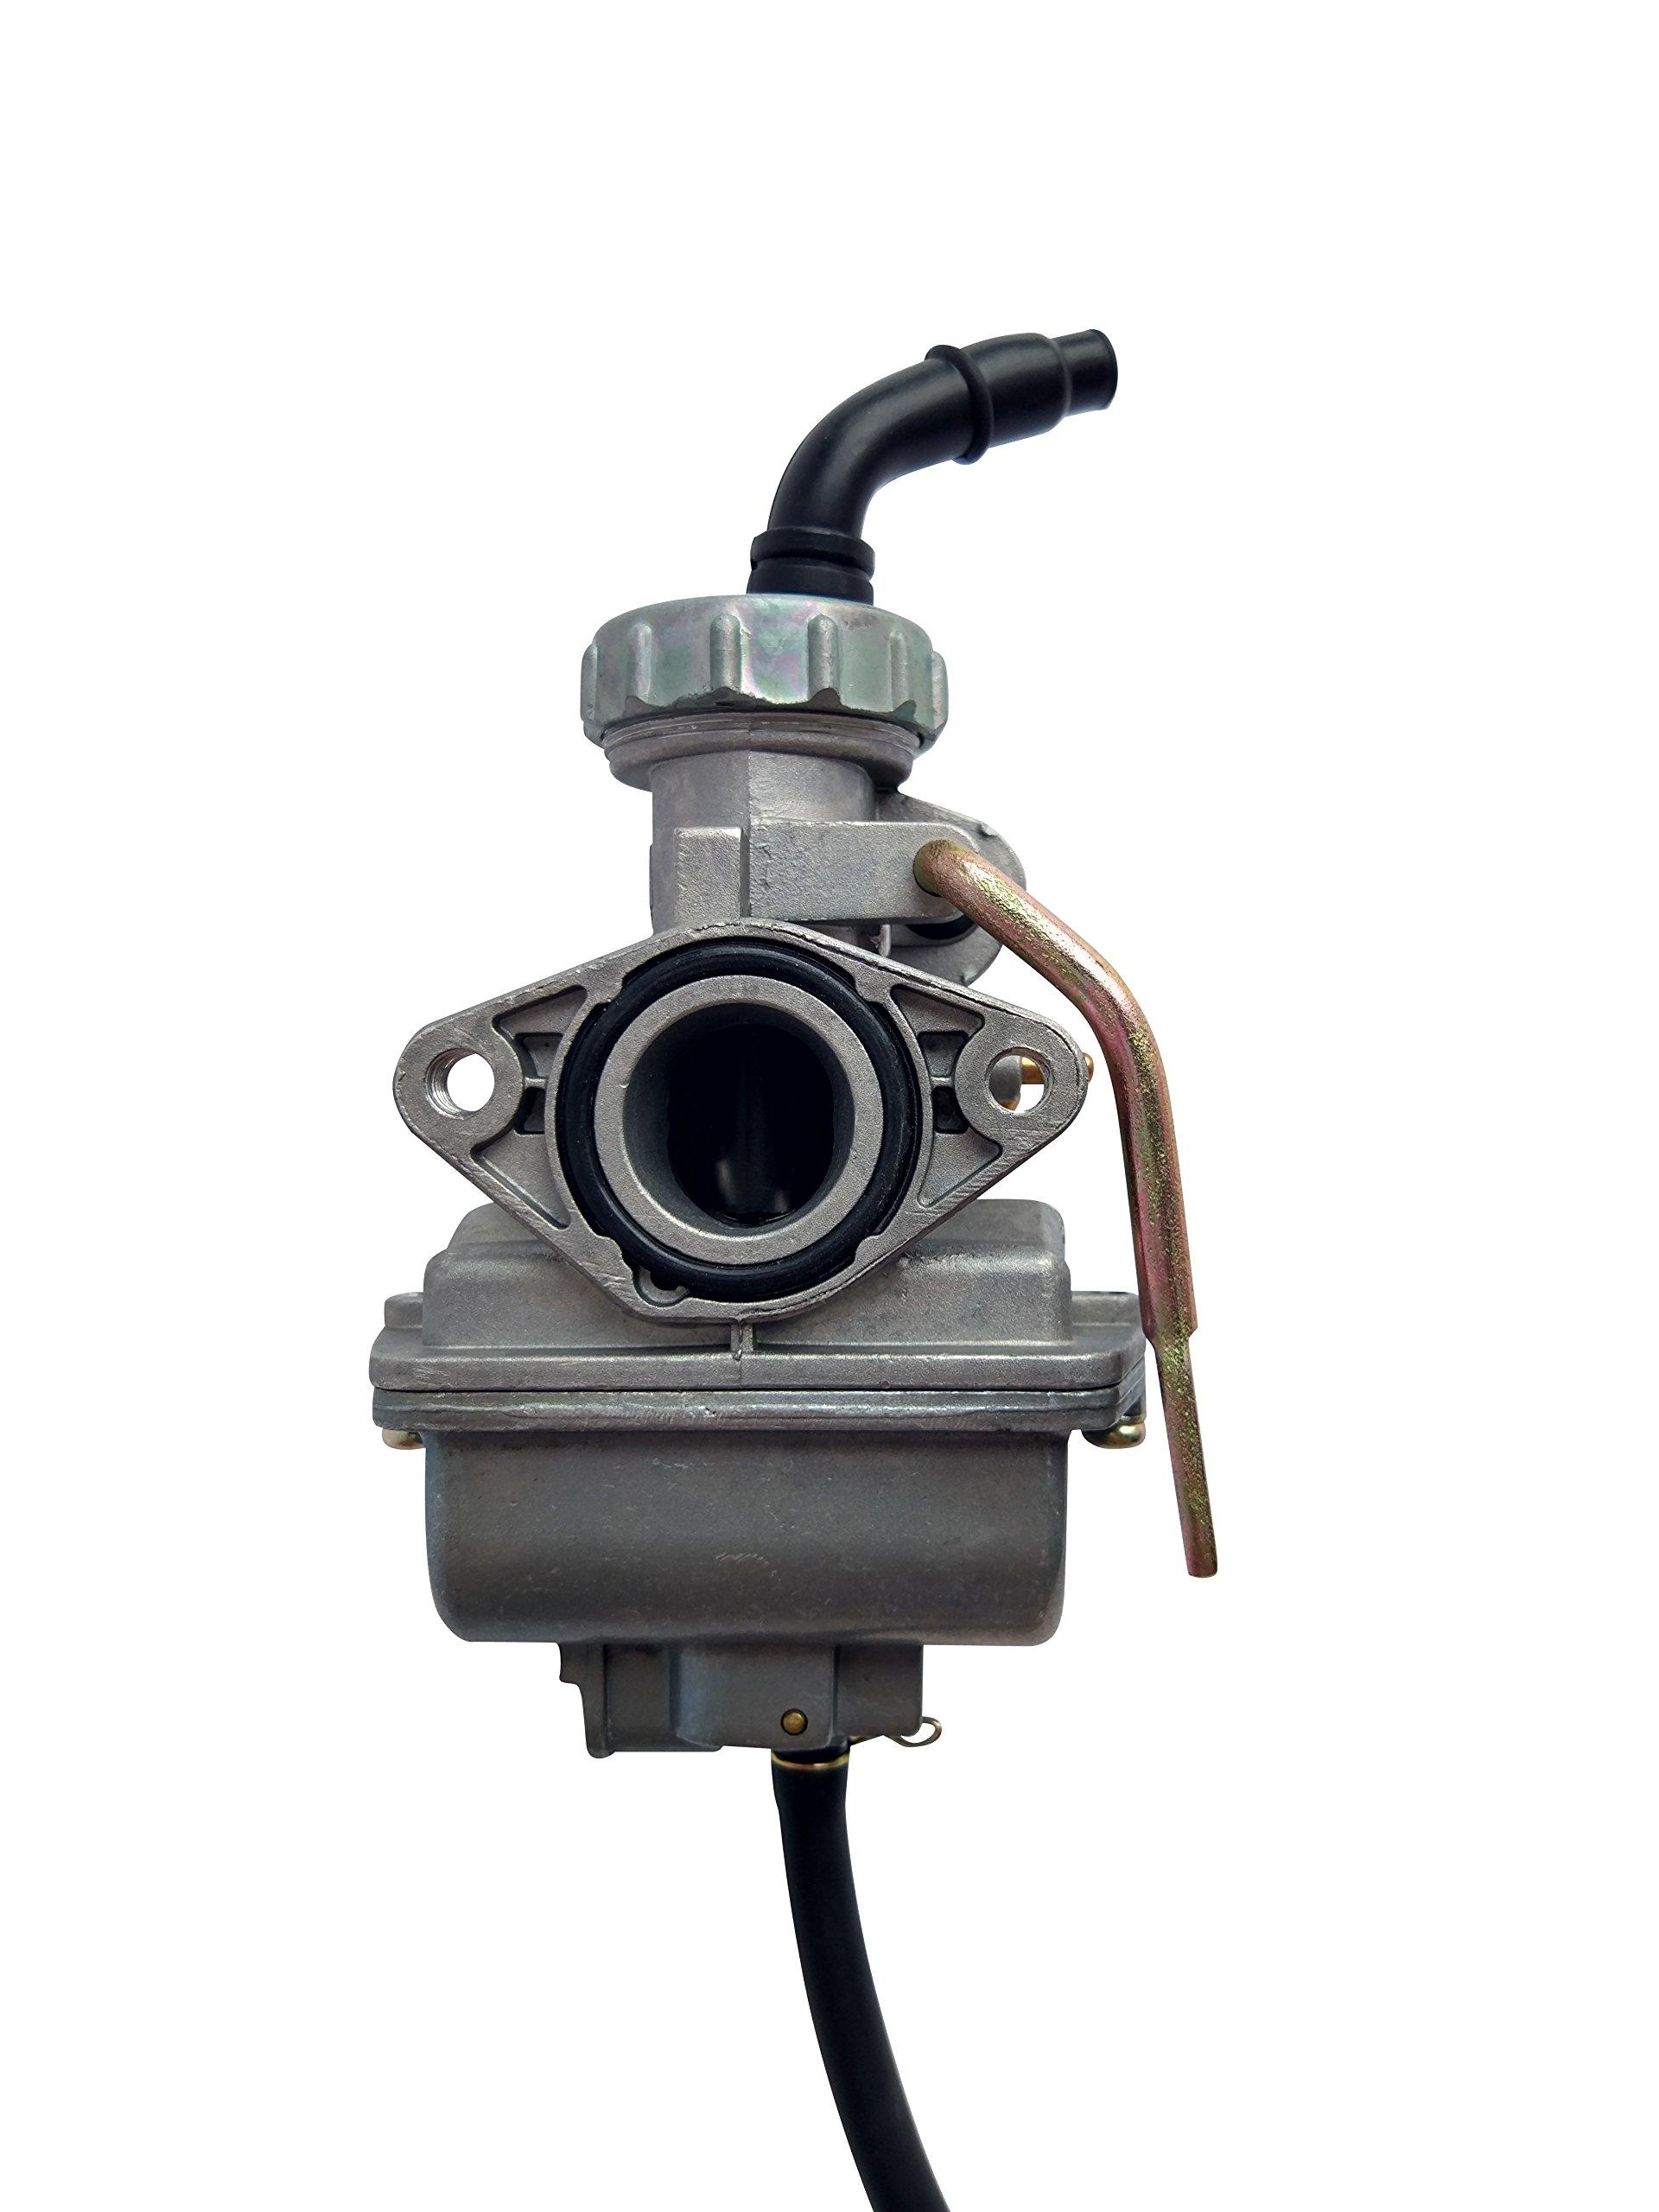 Cheap Kazuma 50cc Quad Parts Find Deals On 70 Redcat Wiring Diagram Get Quotations T Juan Mm 20mm Pz20 Carburetor For 50 Cc 70cc 90 110cc Atvs Dirt